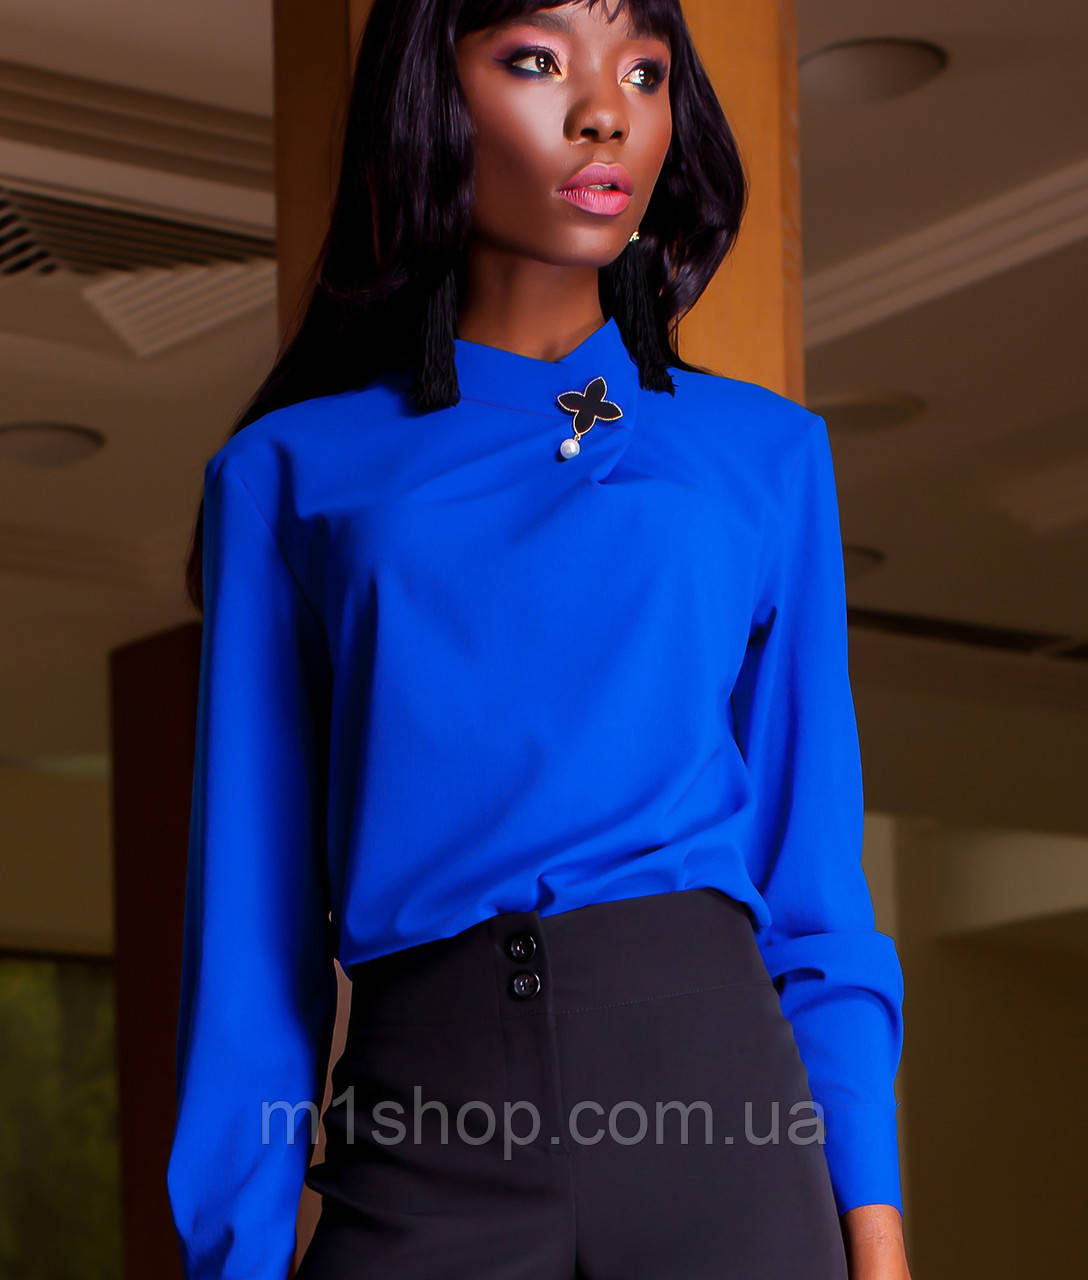 Женская универсальная блузка (Vitton jd)